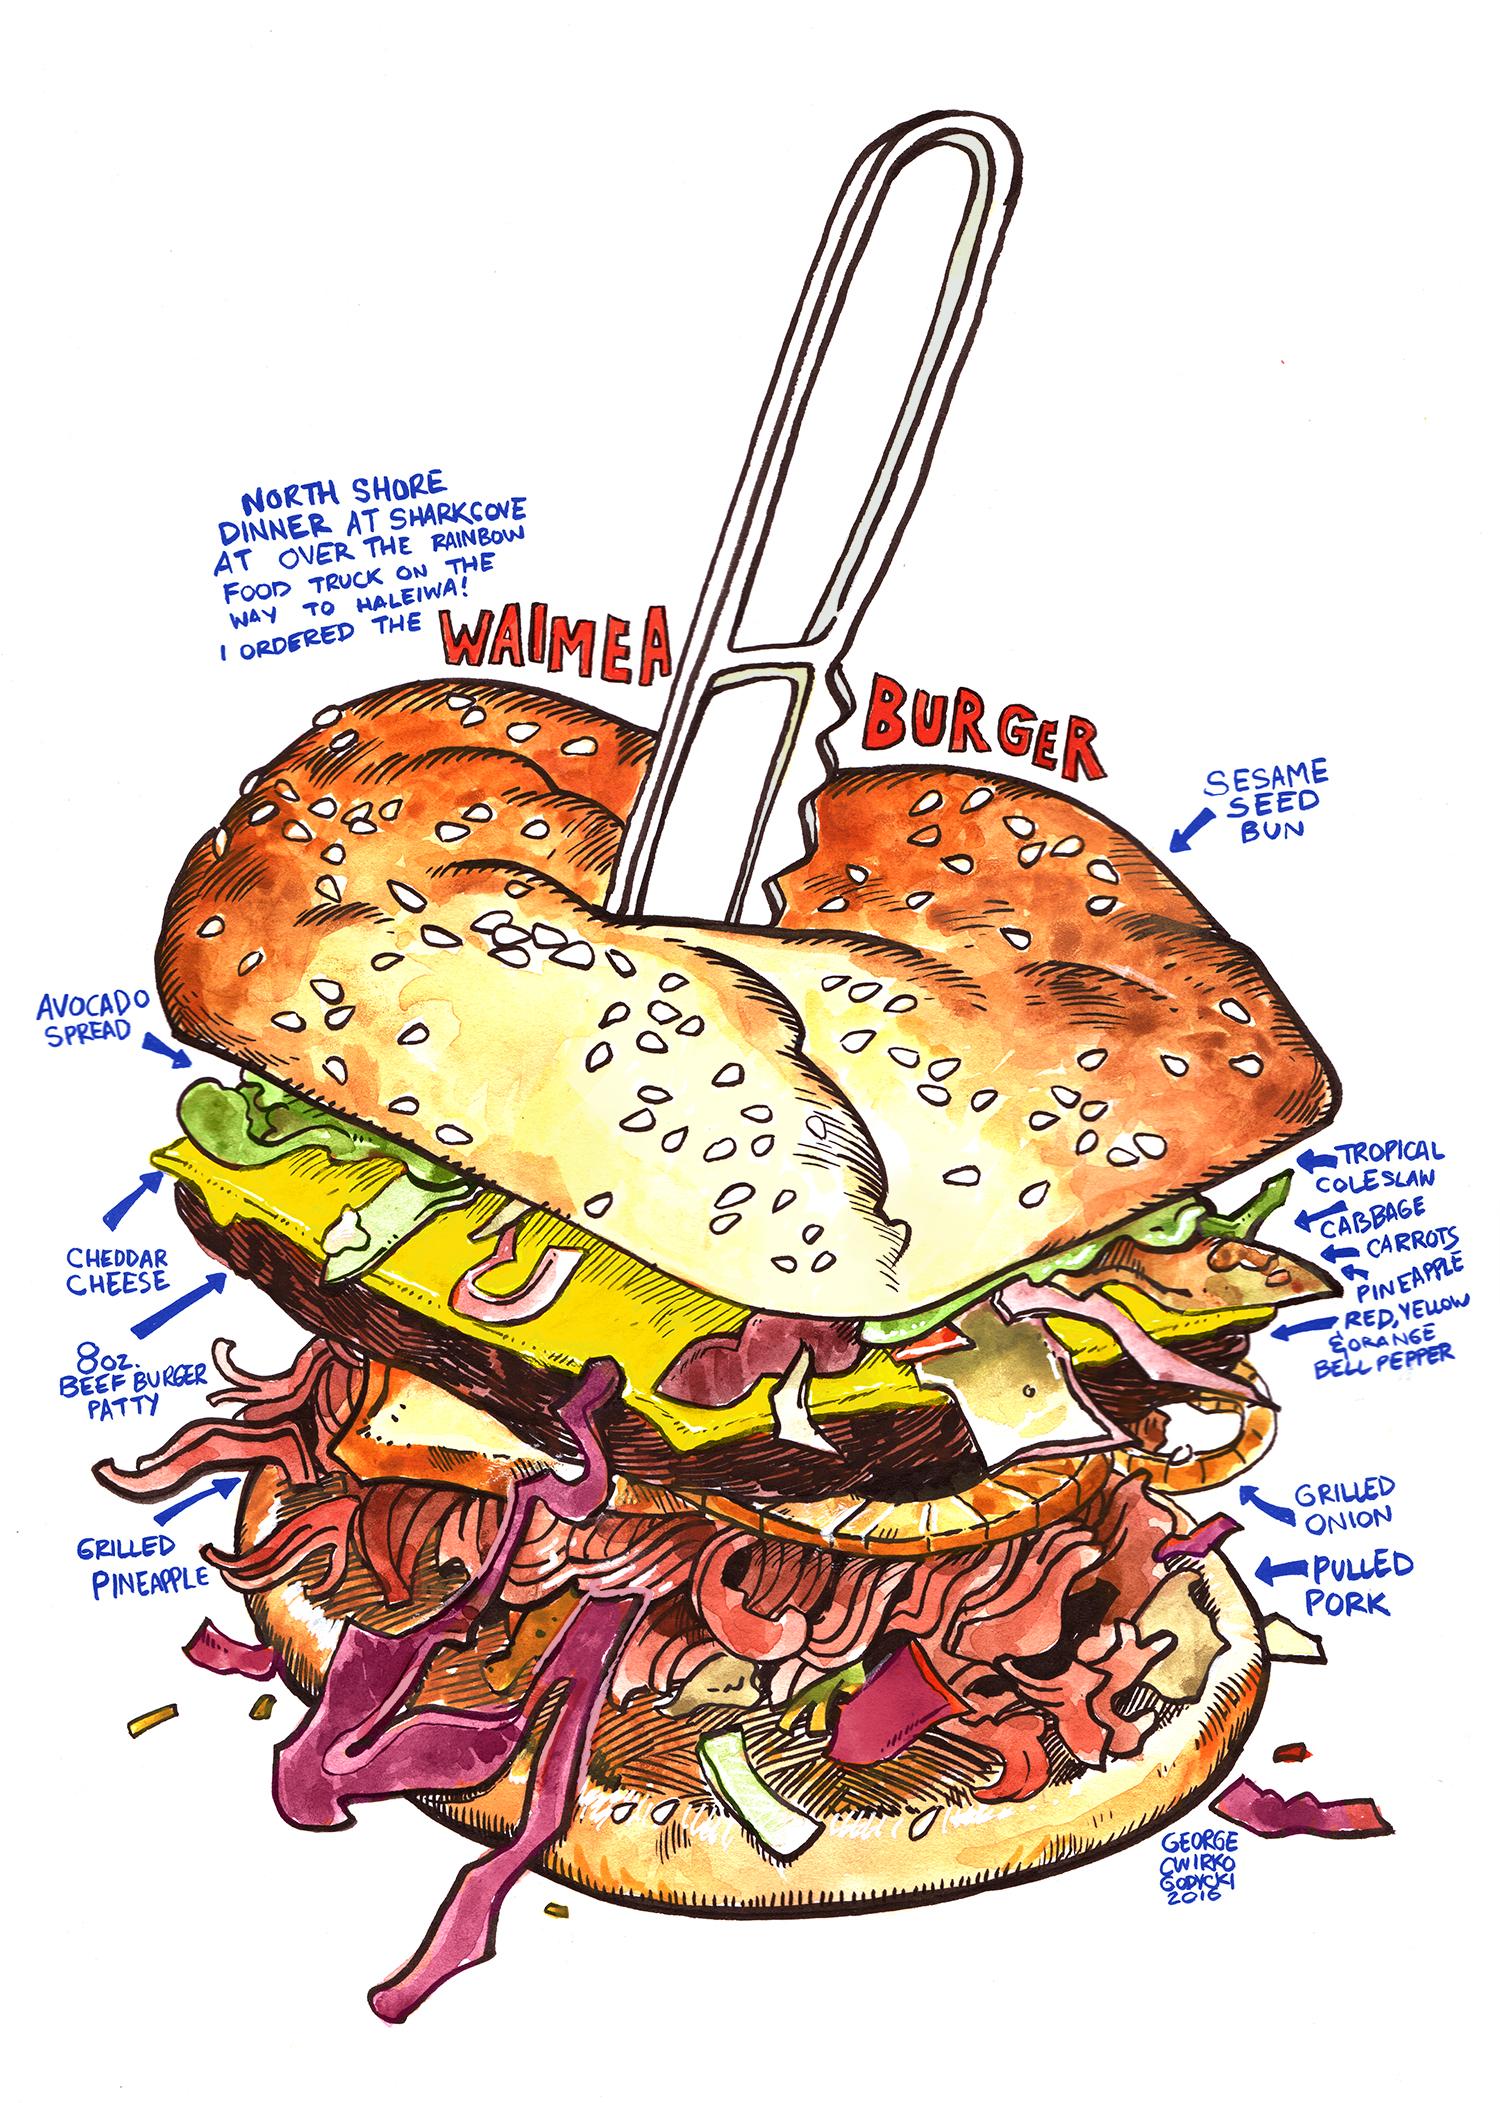 56_waimea_burger